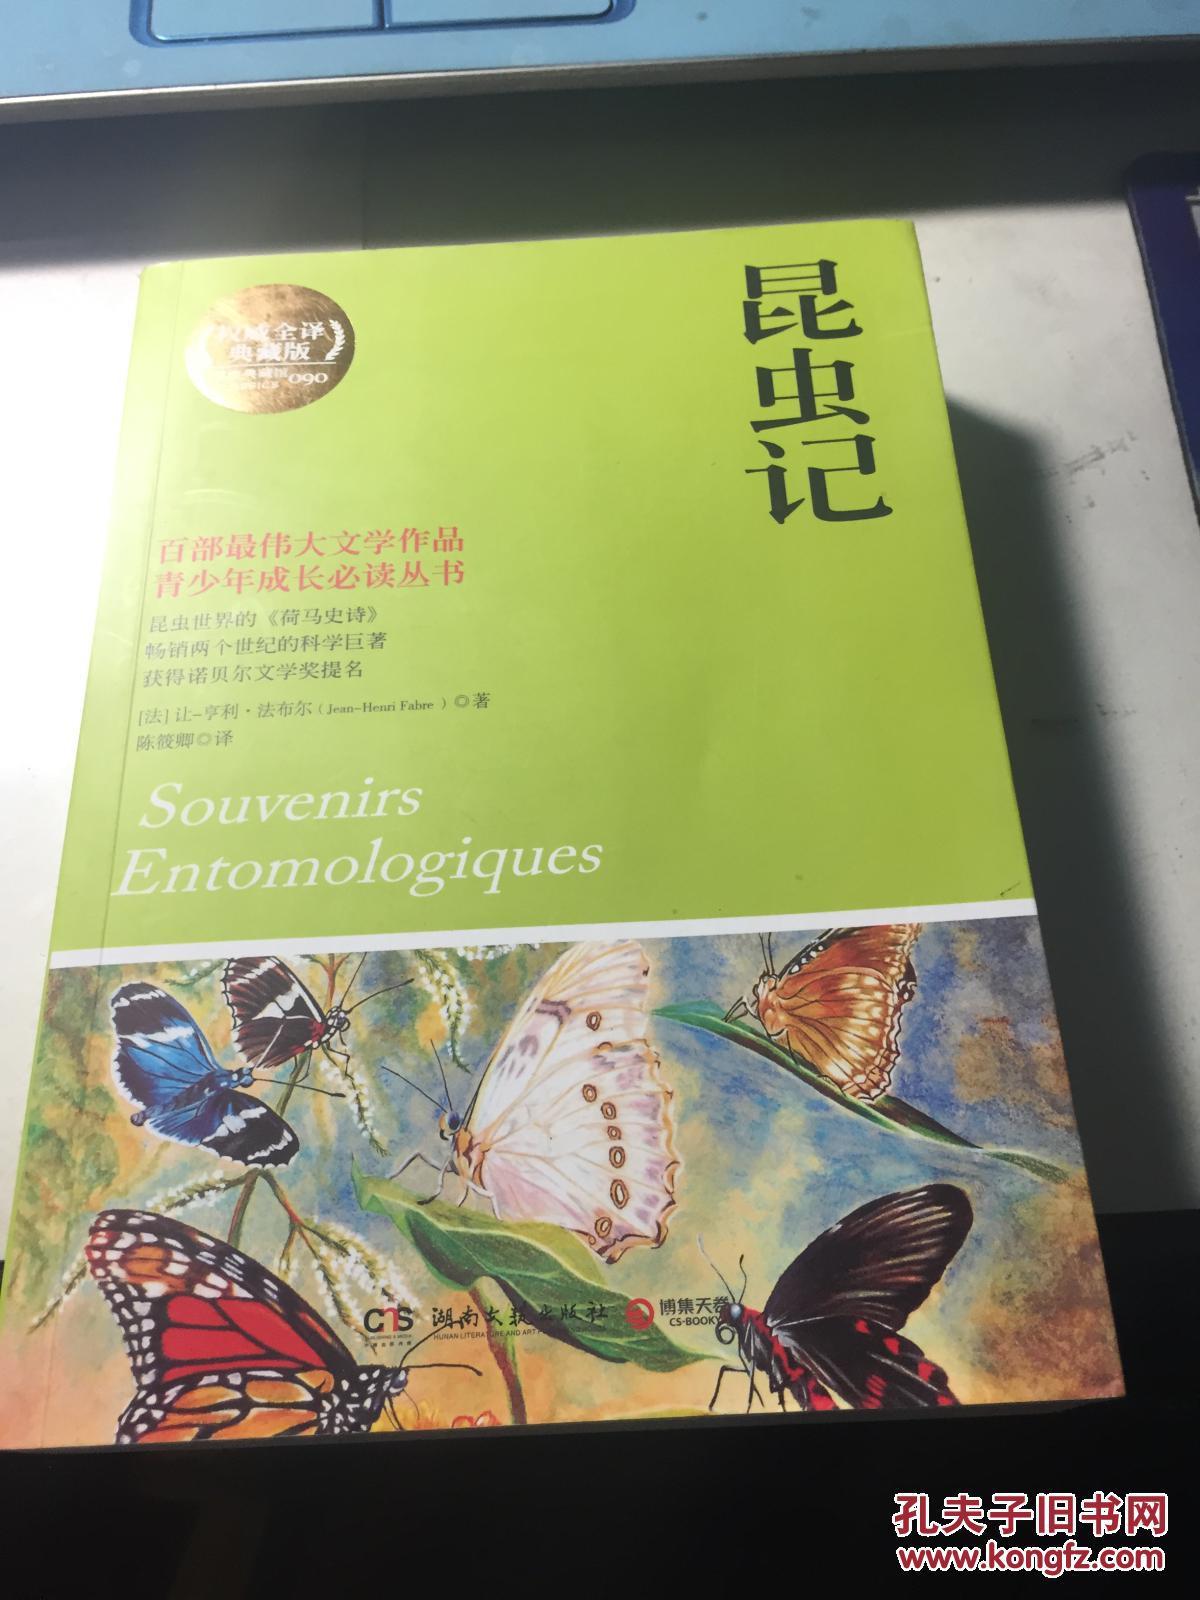 读完昆虫记,学到的科学知识有哪些